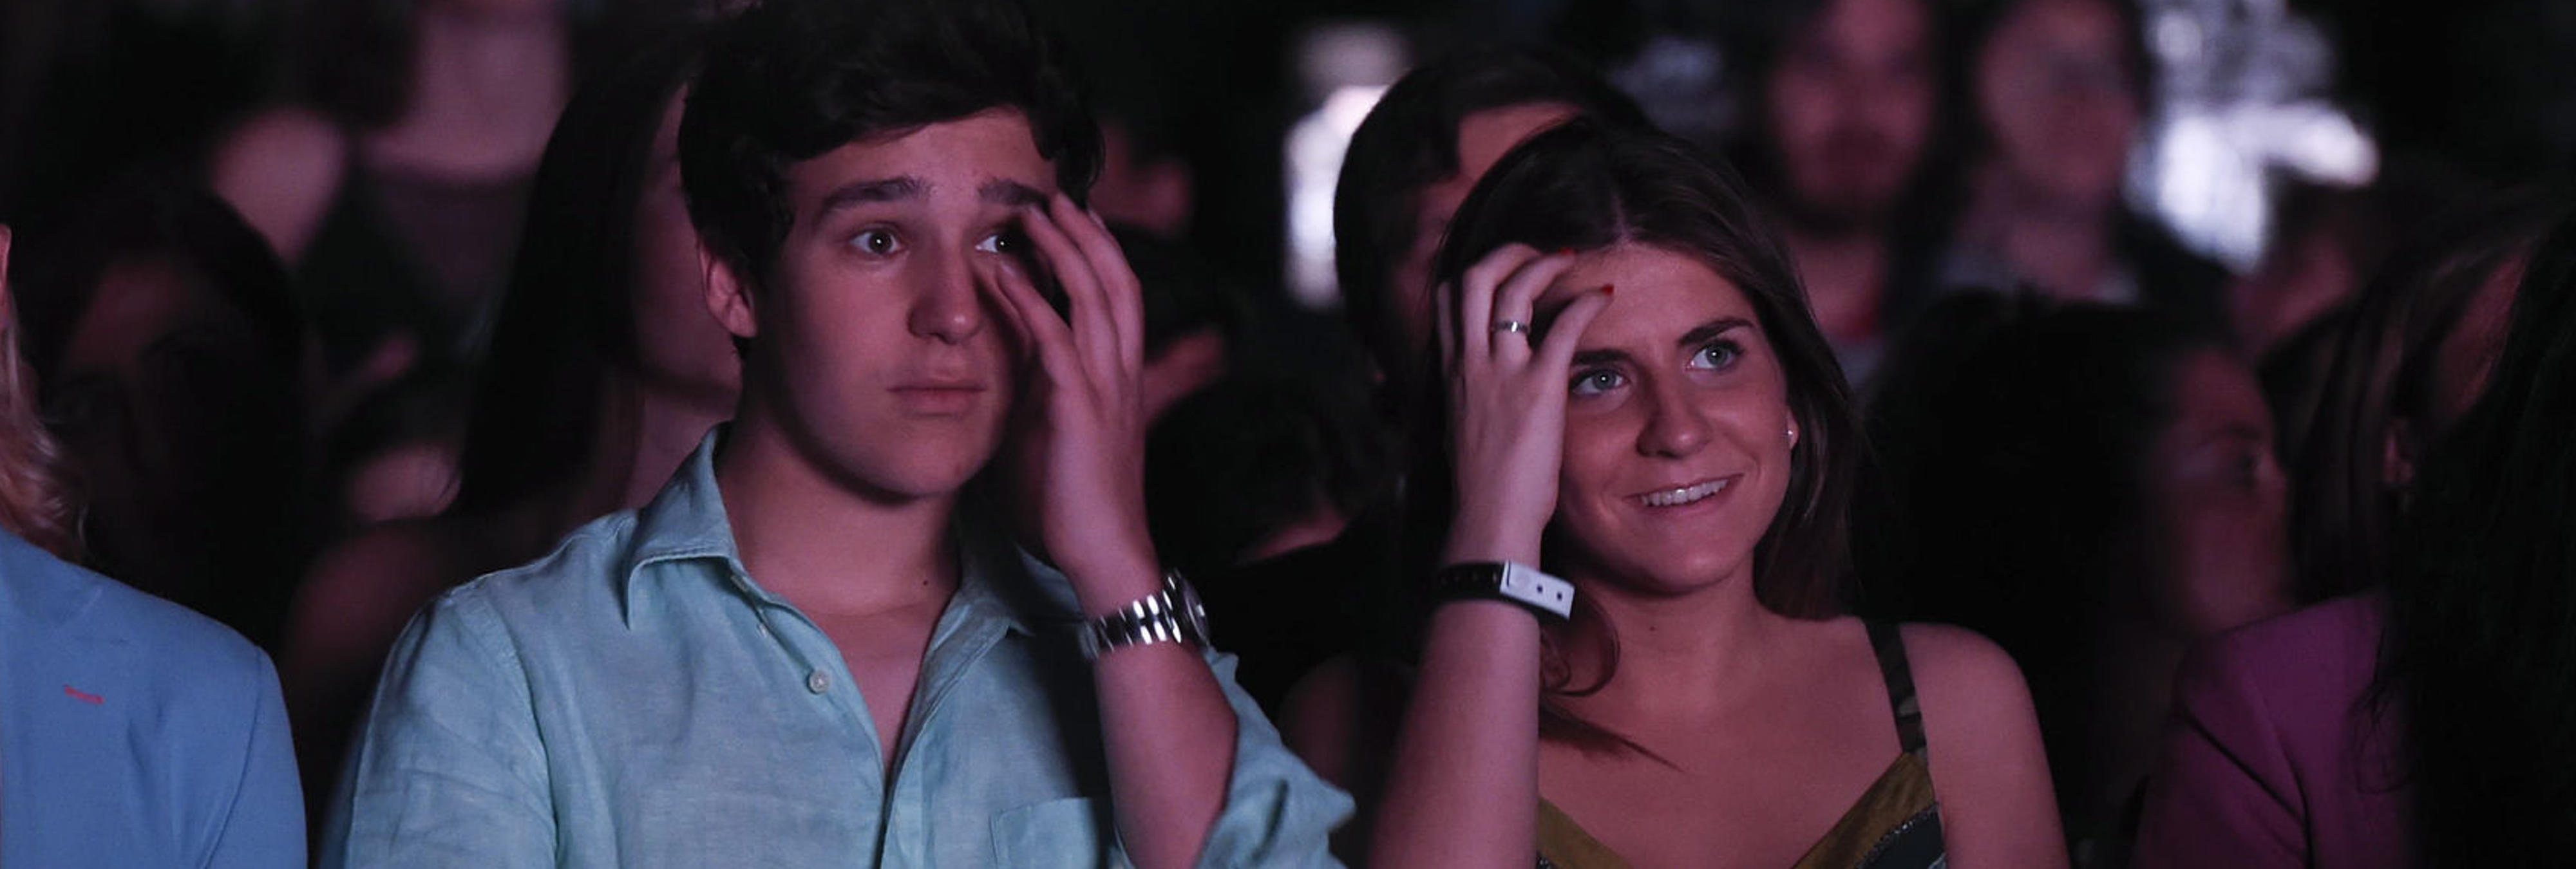 Froilán podría dedicar su futuro a ser Dj de discotecas